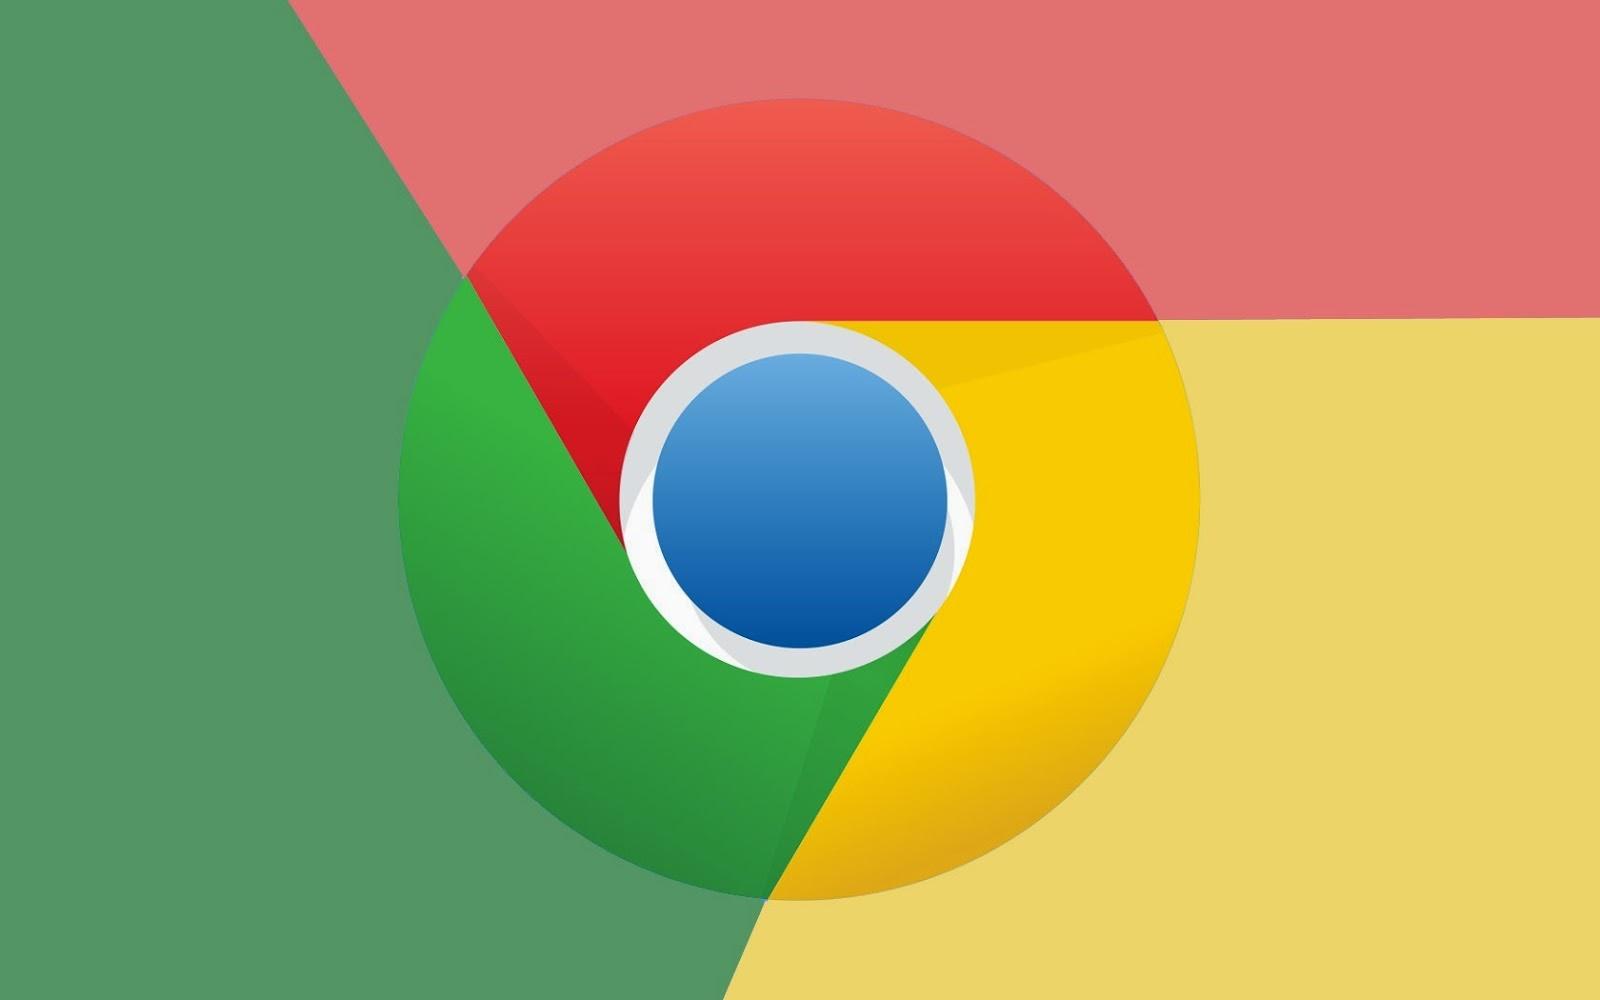 Перезагрузка страниц вGoogle Chrome будет происходить на28% скорее